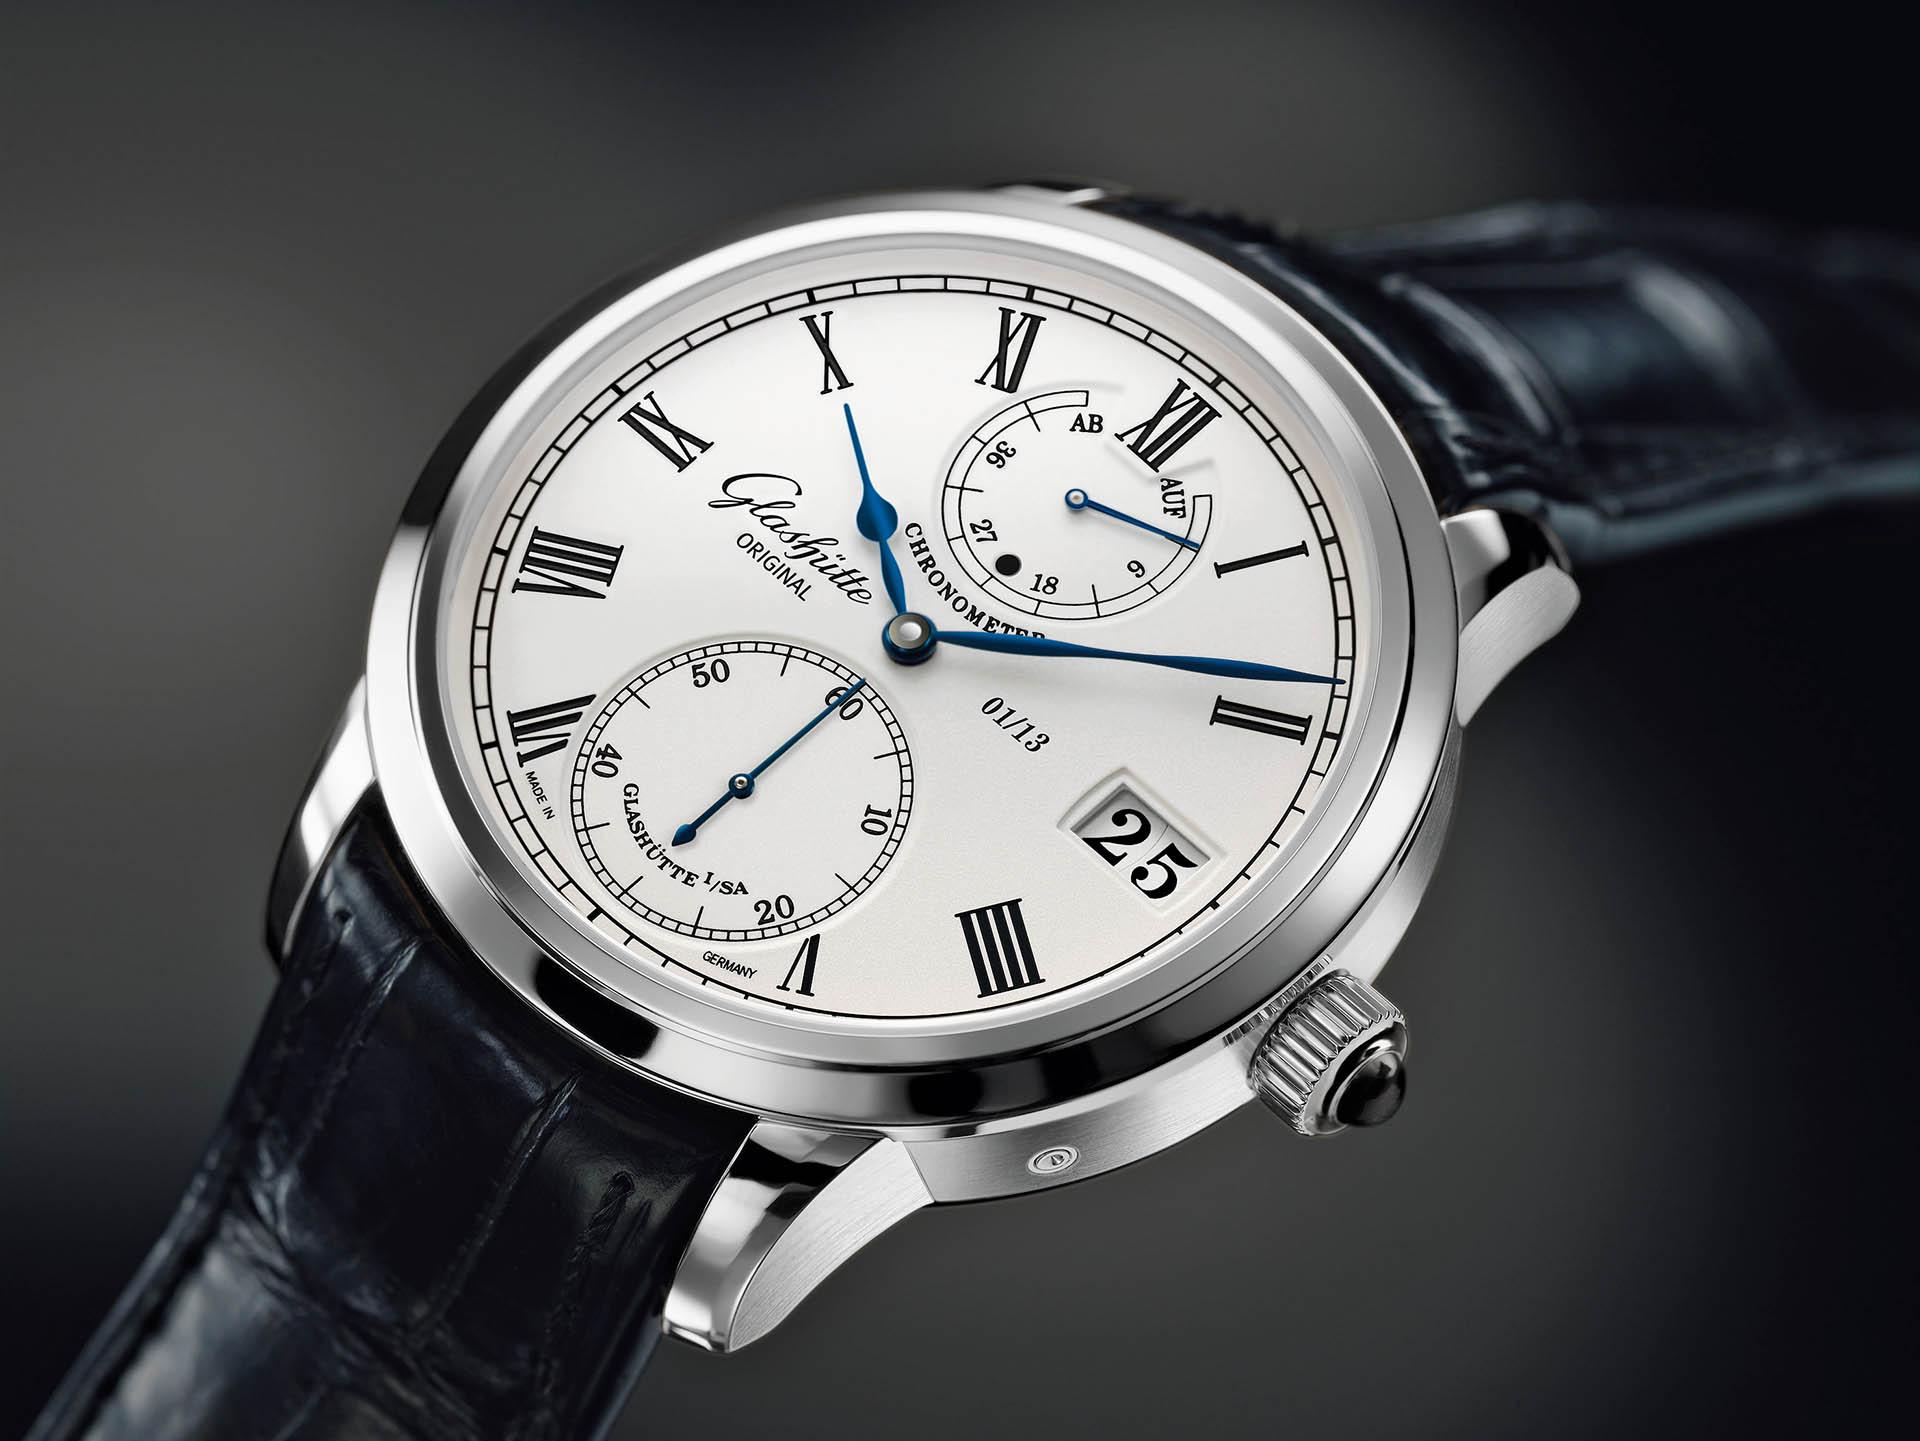 Senator Chronometer von Glashütte Original mit Handaufzugskaliber 58-01.